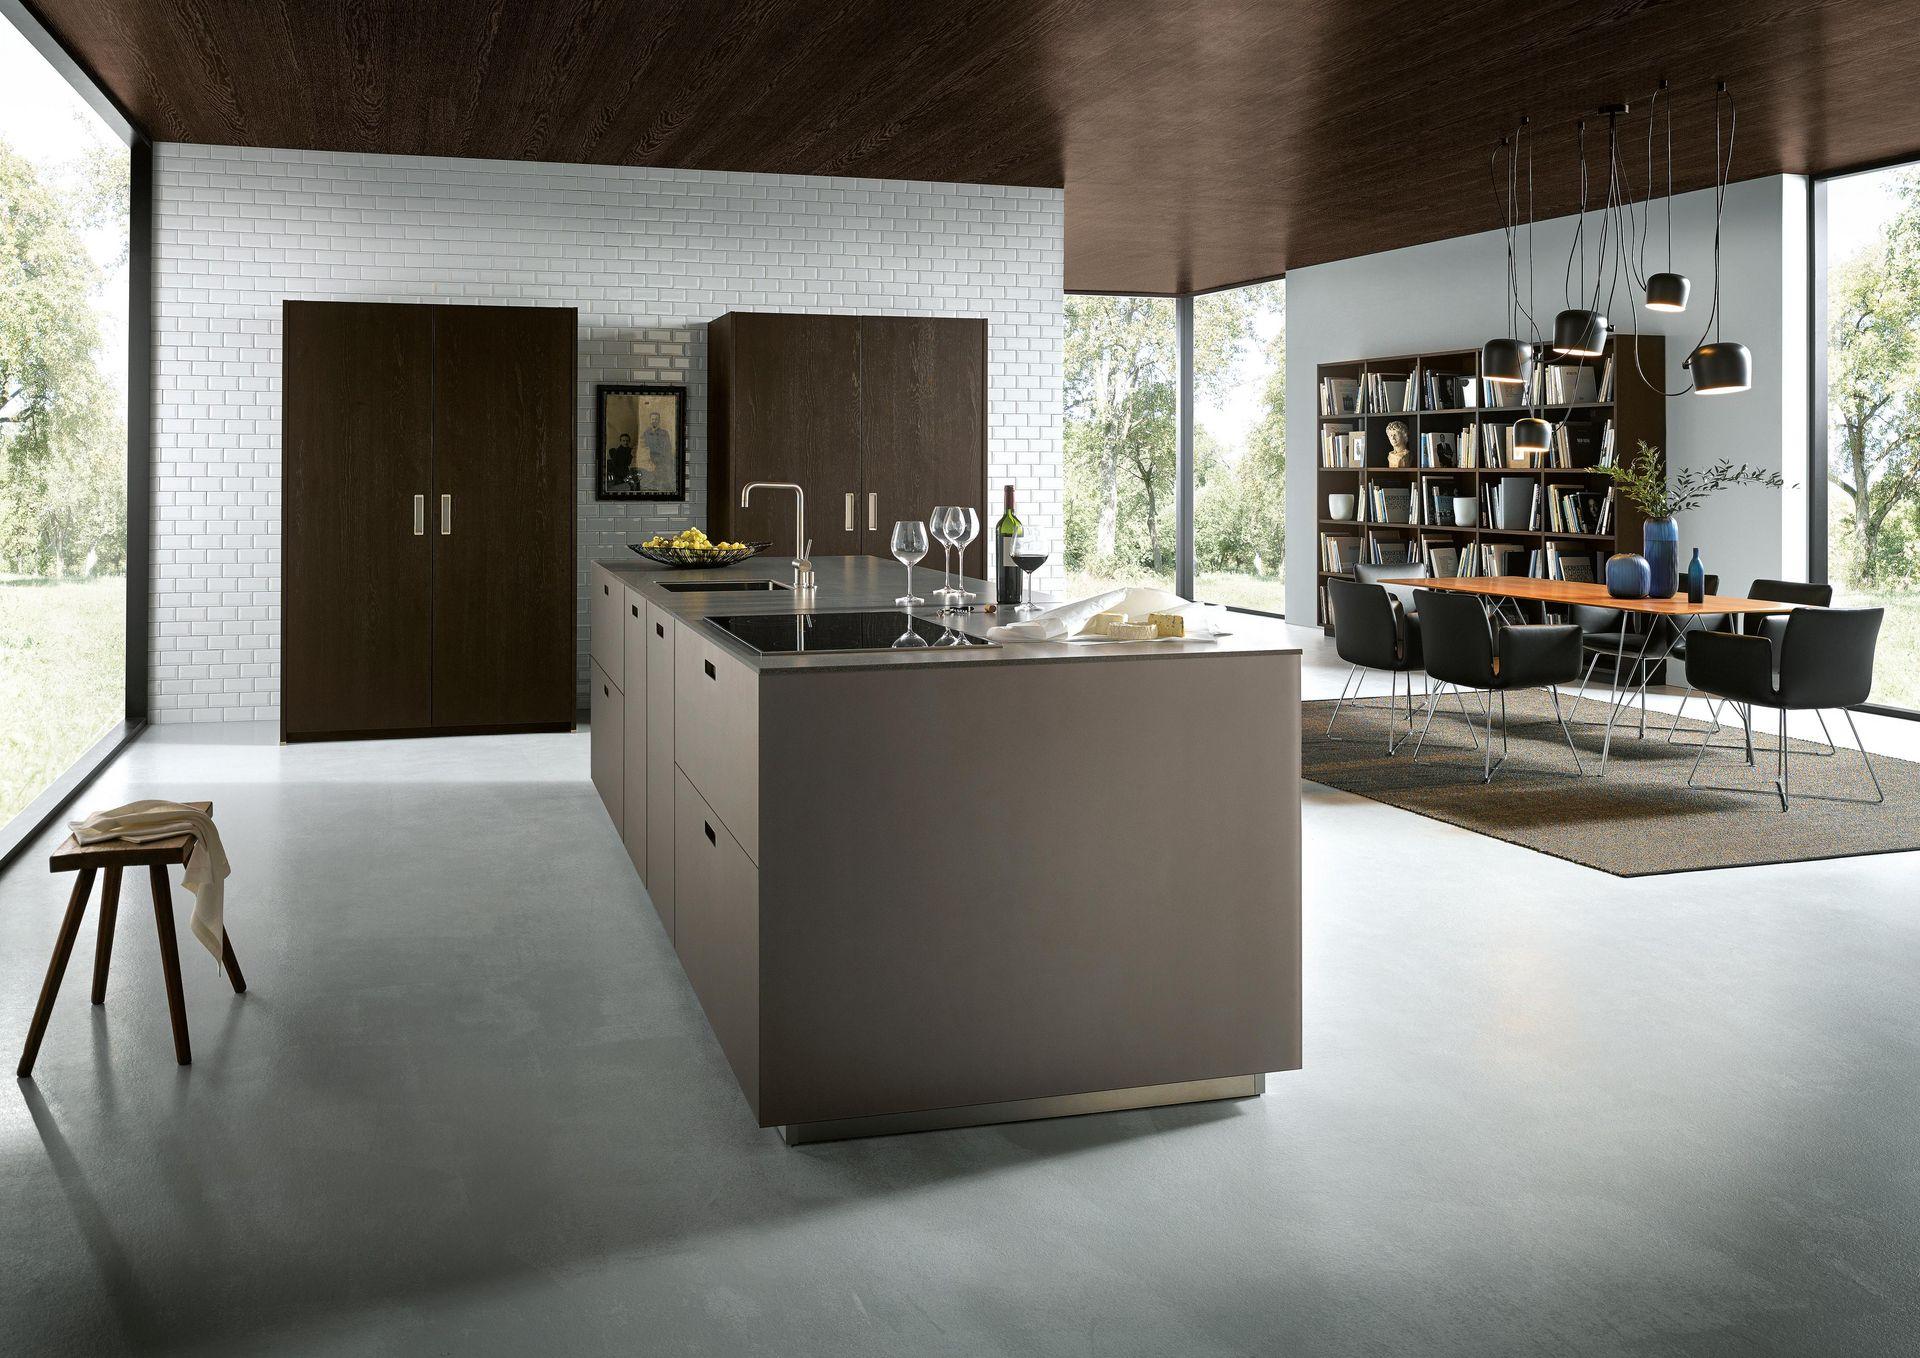 Kubische formen in der küche next designküchen